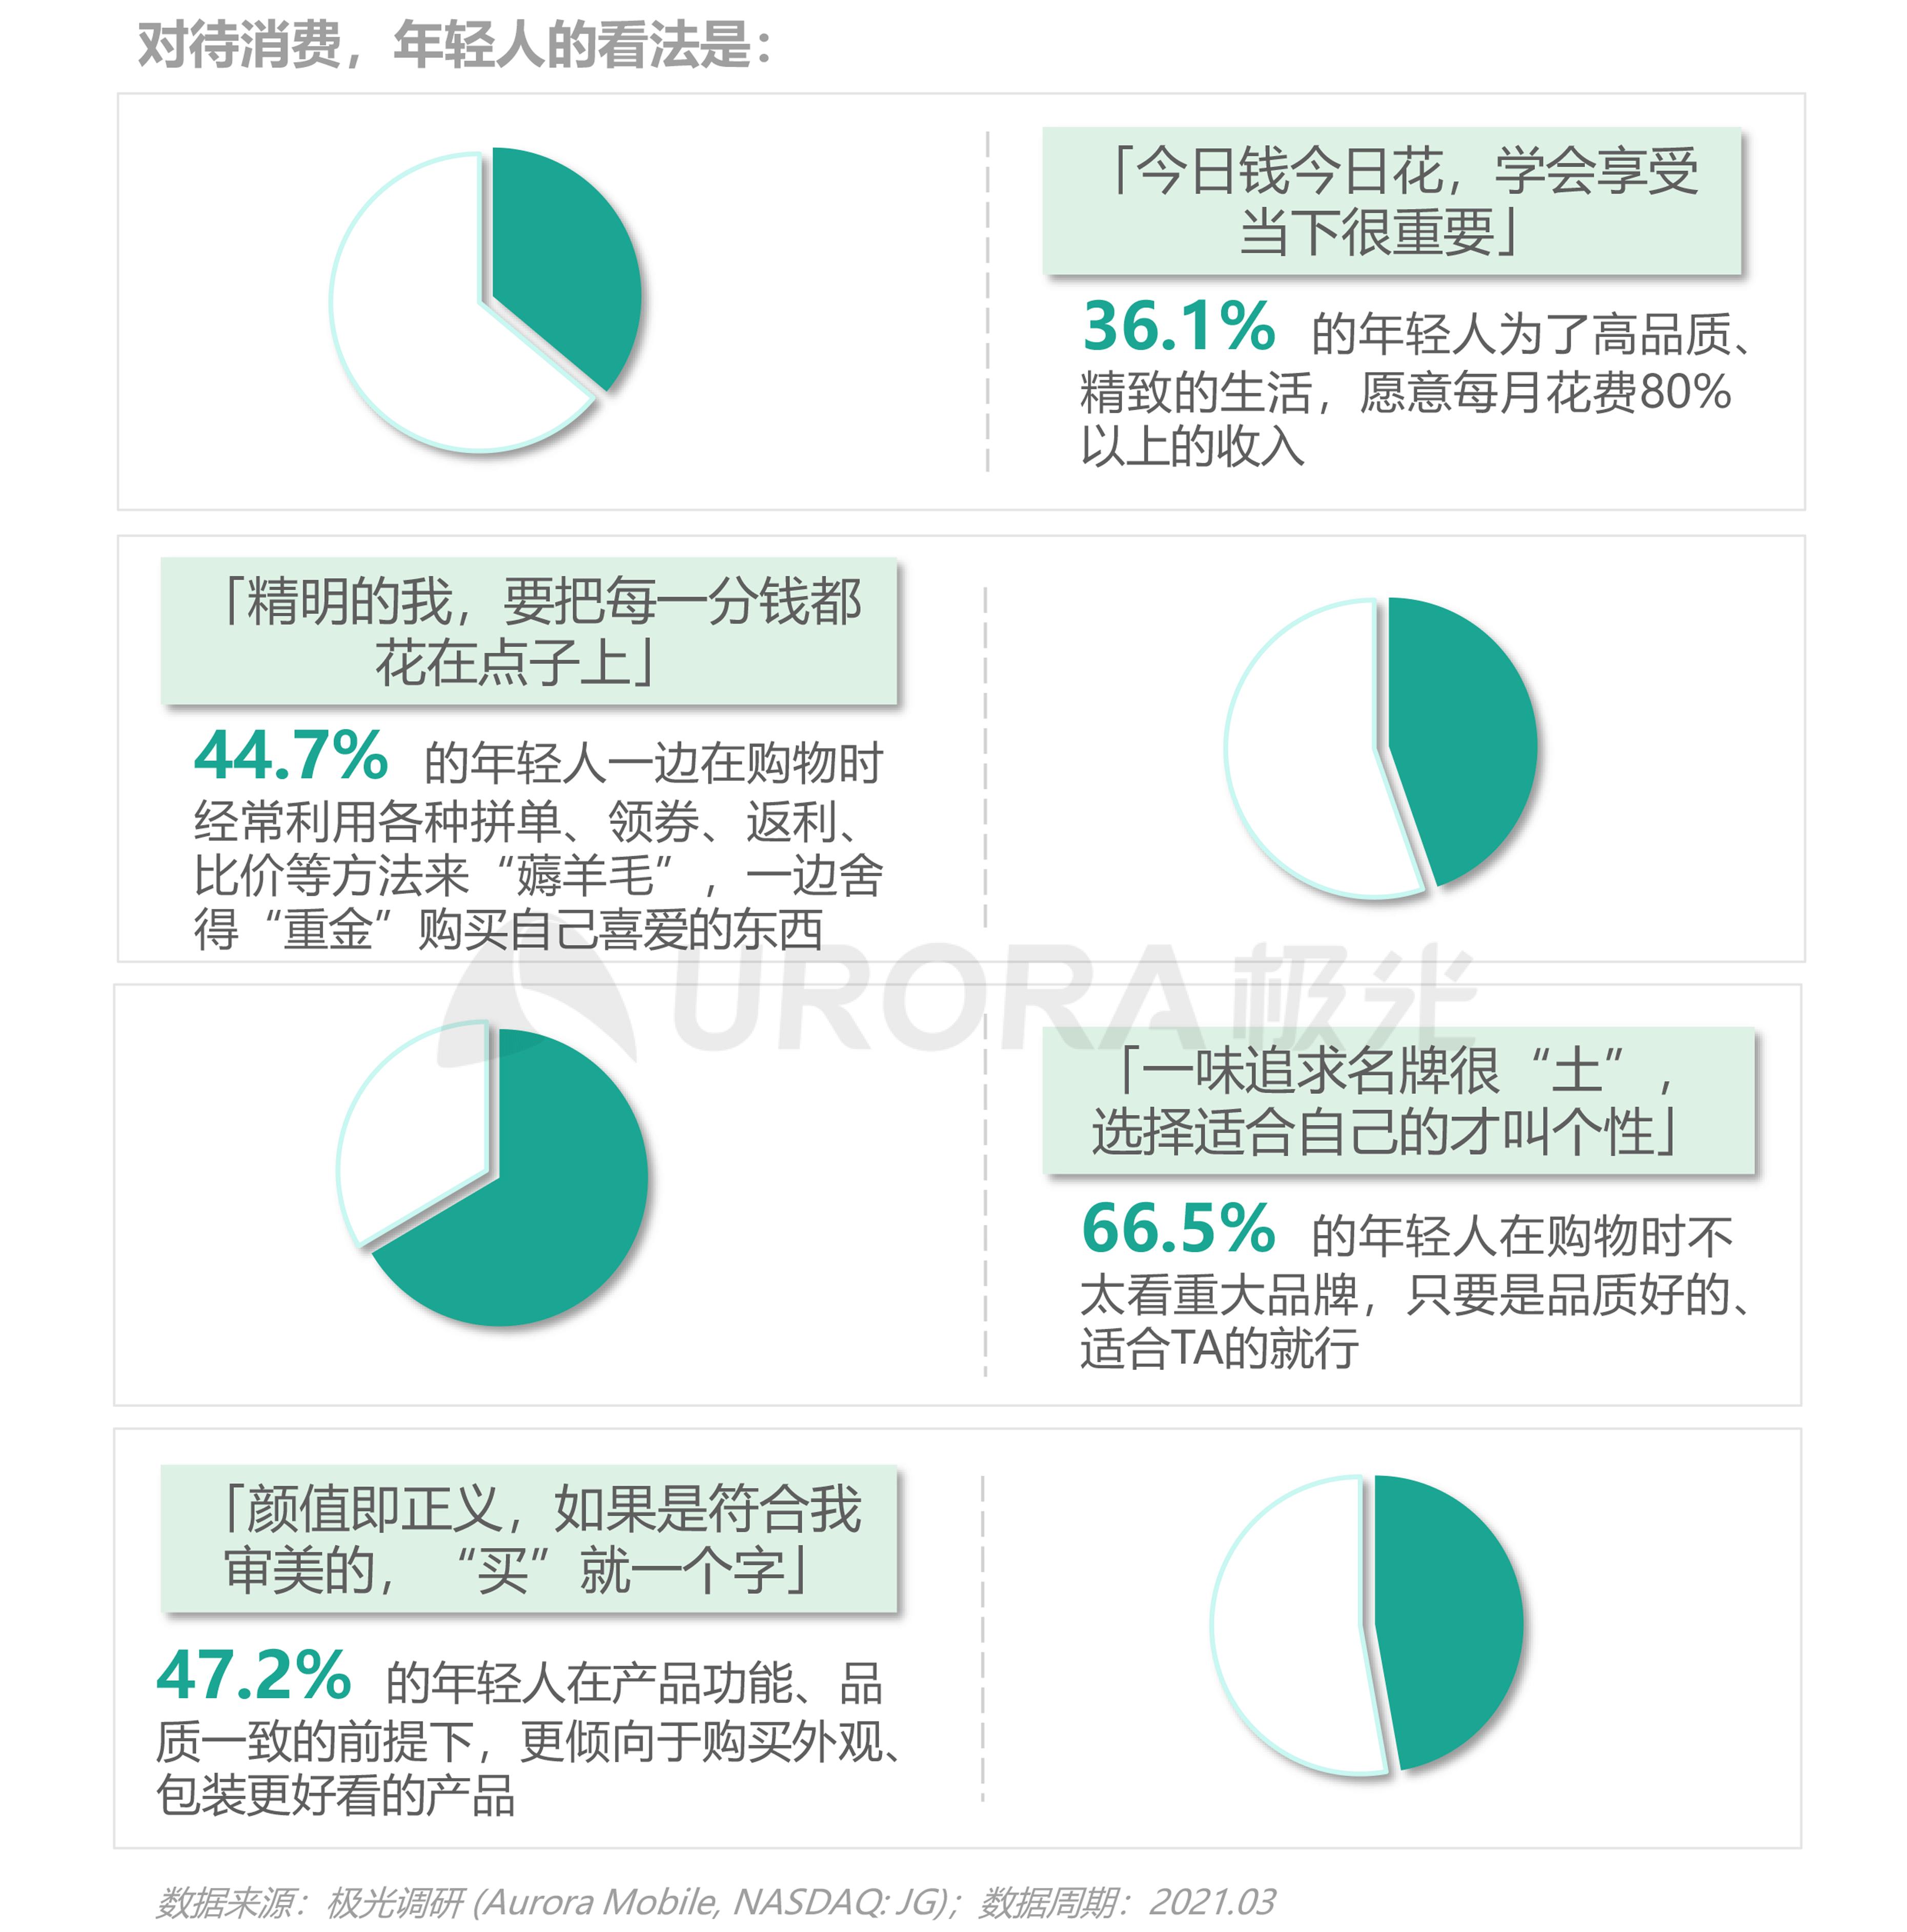 2021年轻人营销趋势研究报告【定稿】-23.png